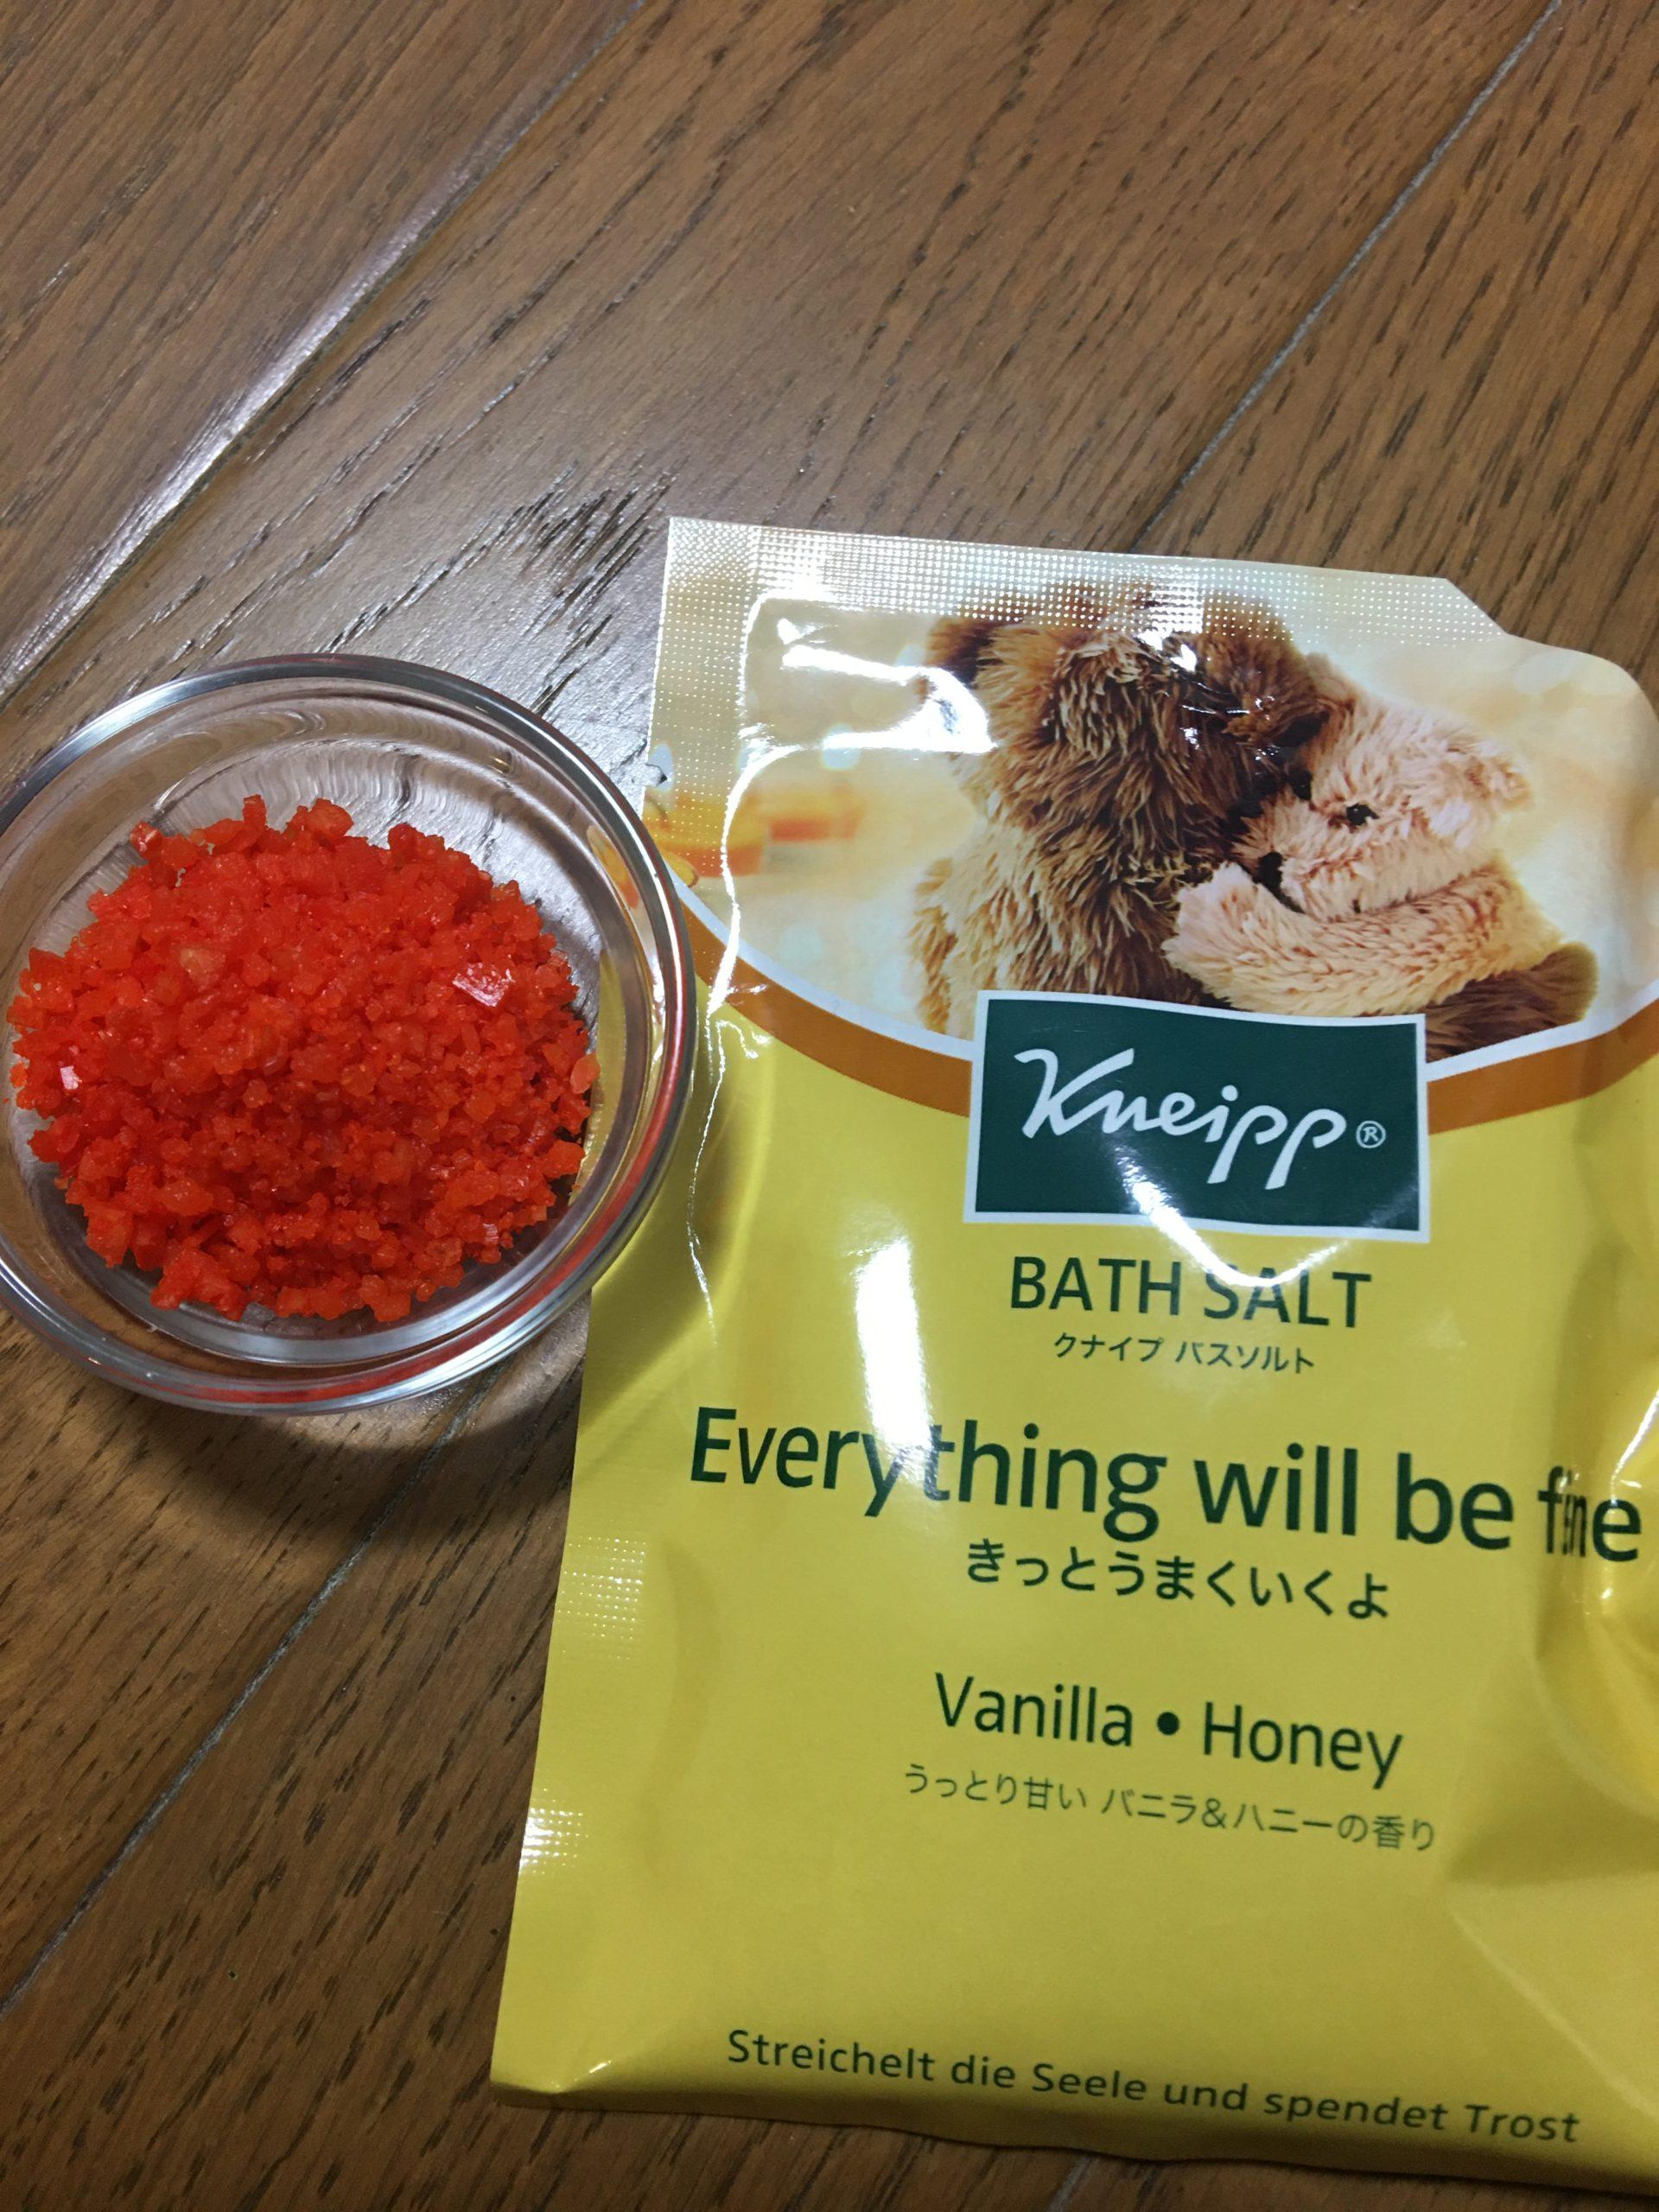 【クナイプバスソルト】バニラ&ハニーの香り/レビュー